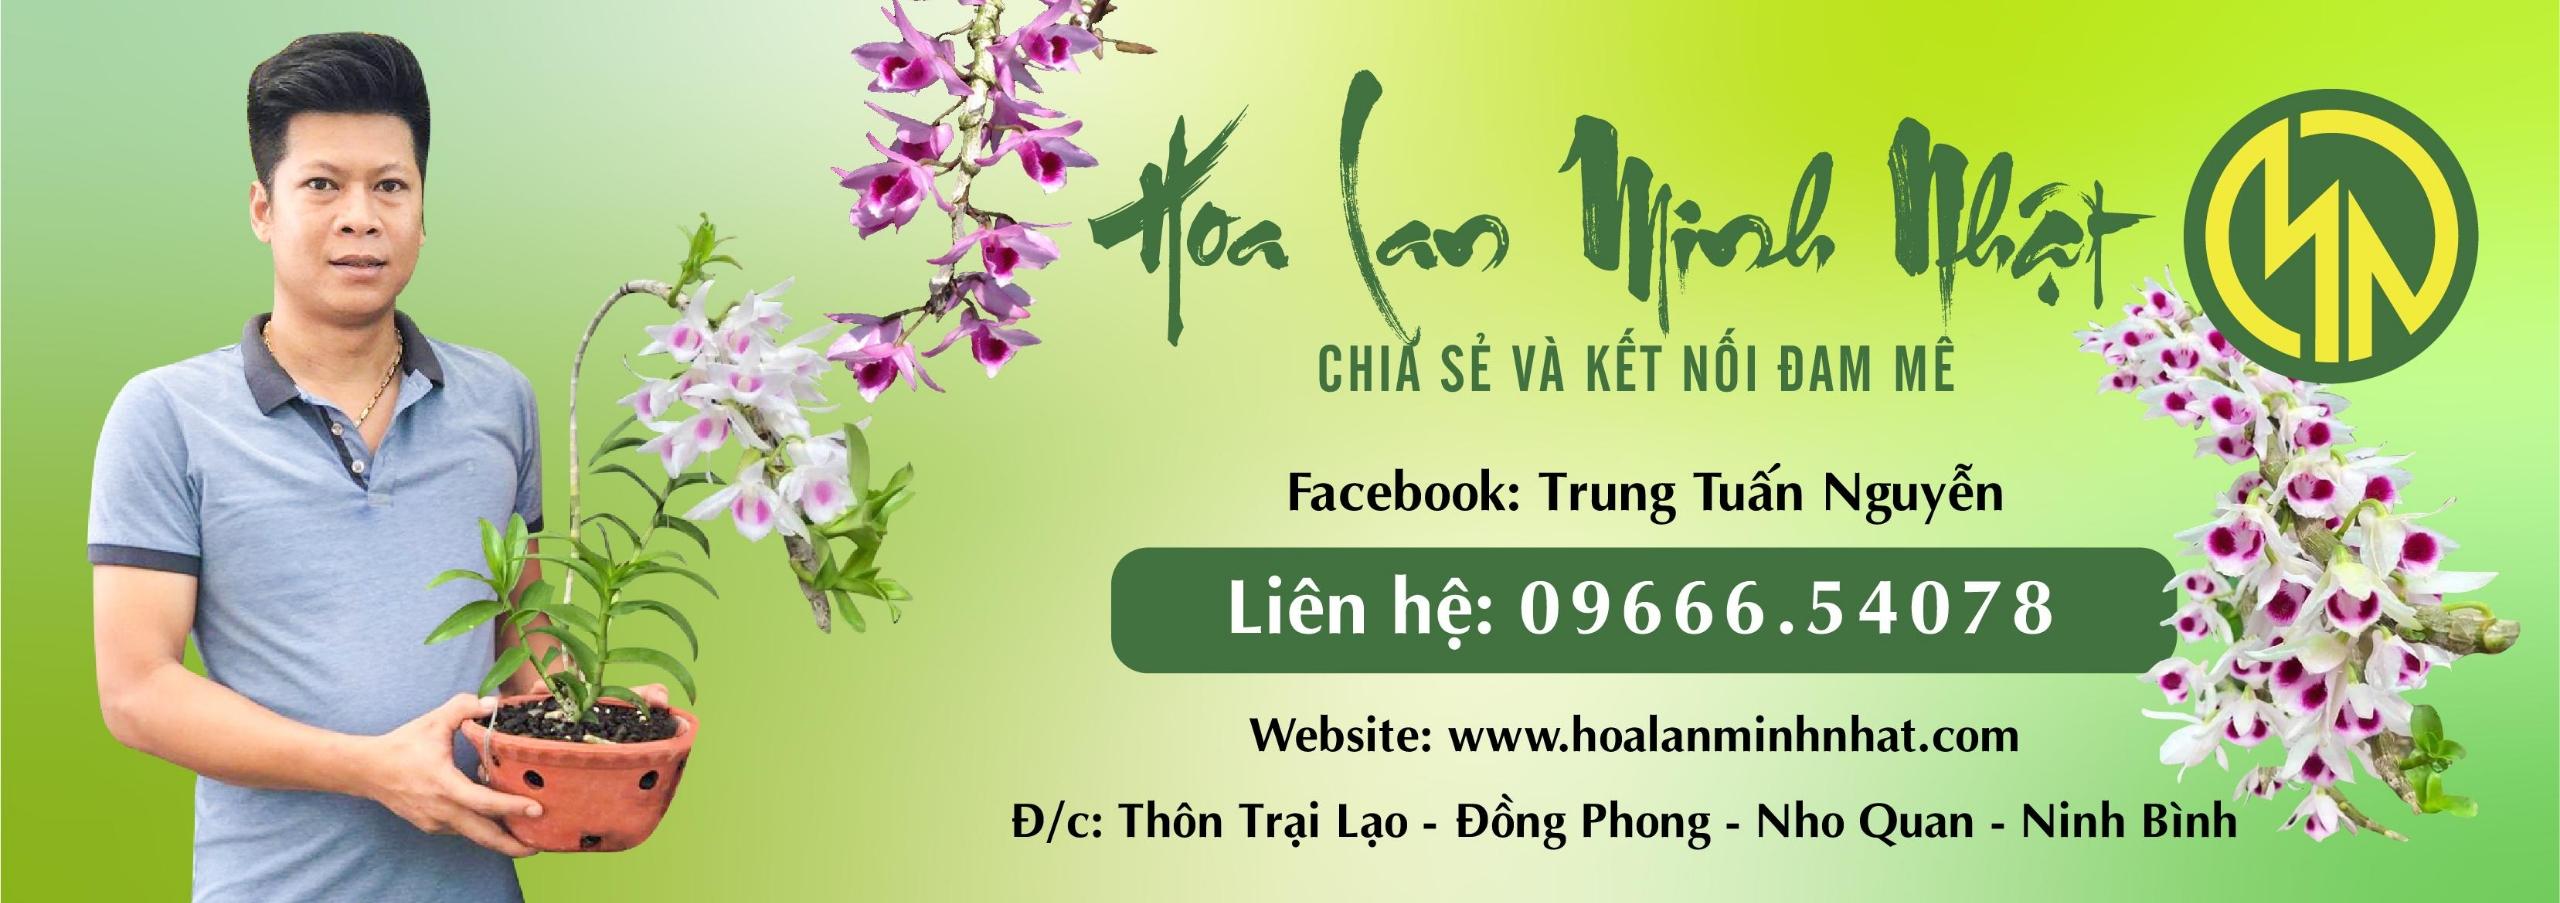 Lan Minh Nhật (@lanminhnhat) Cover Image